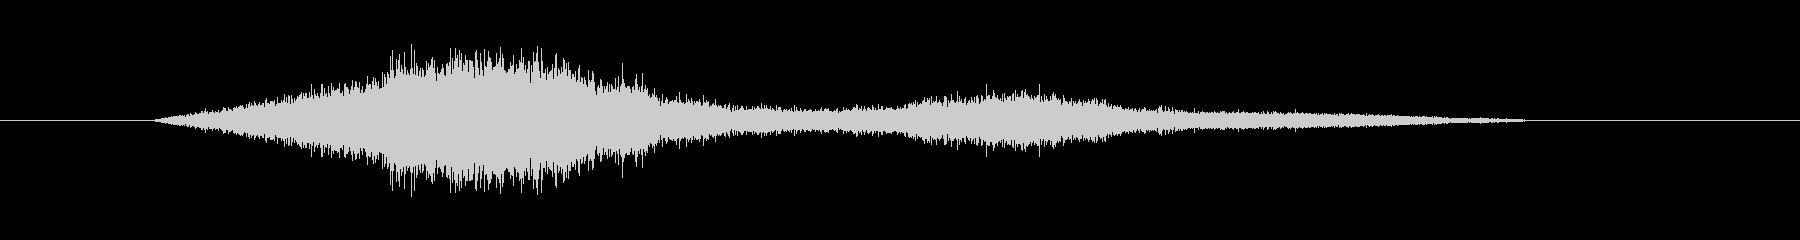 機械からの圧縮された蒸気(プシュー)の未再生の波形